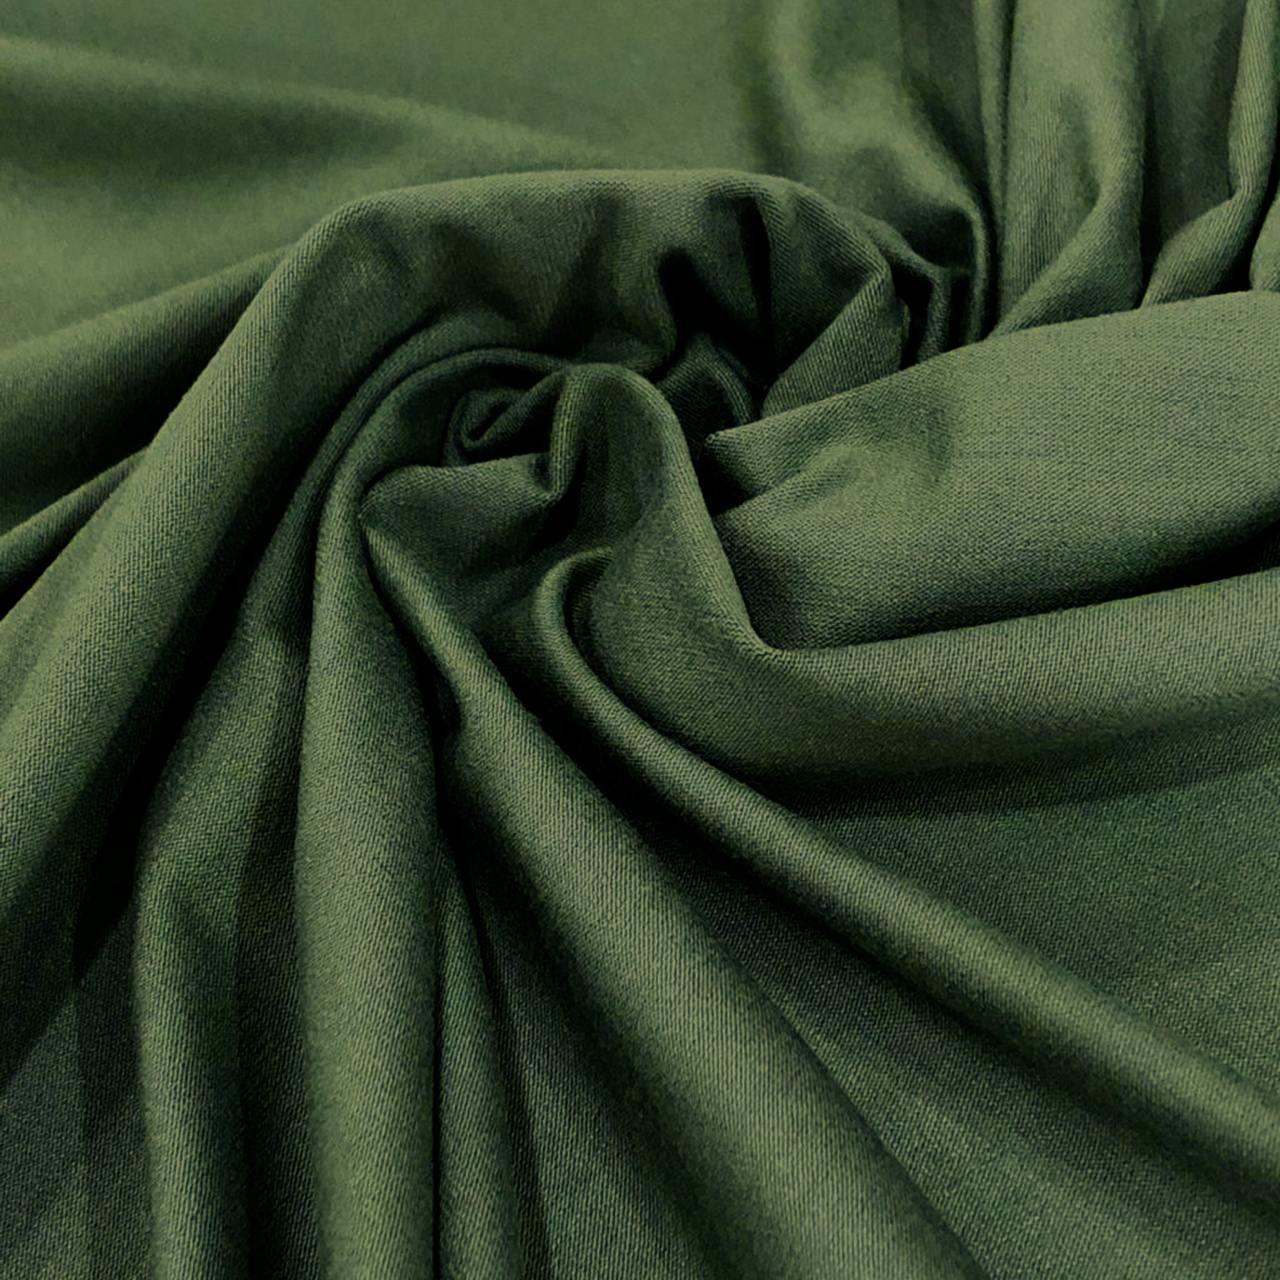 Tecido Malha Viscolycra  92%Viscose 8%Elastano Verde Militar